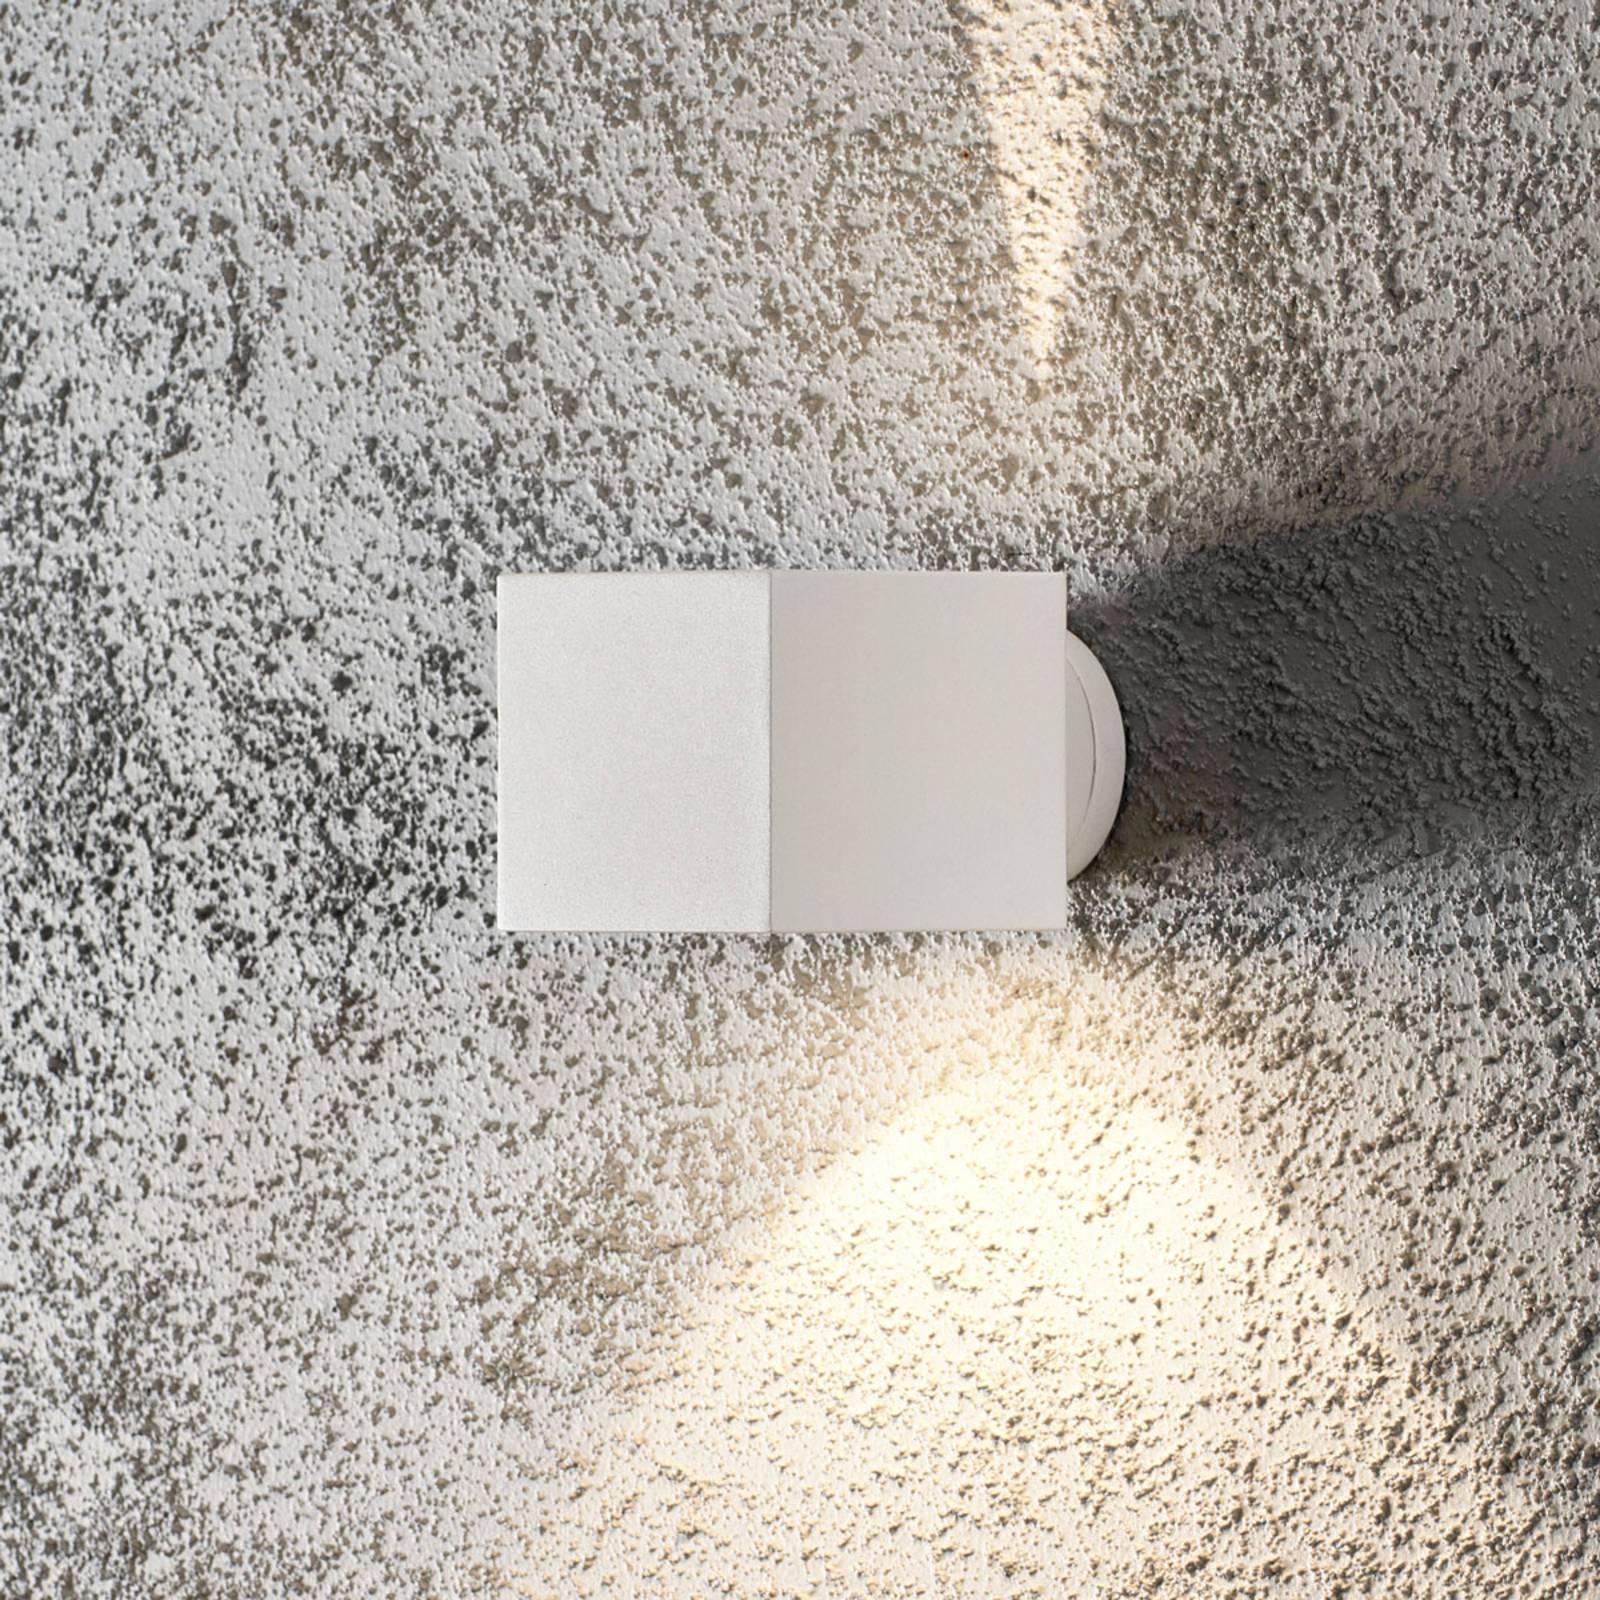 Buitenwandlamp Modena Square, hoekig, wit